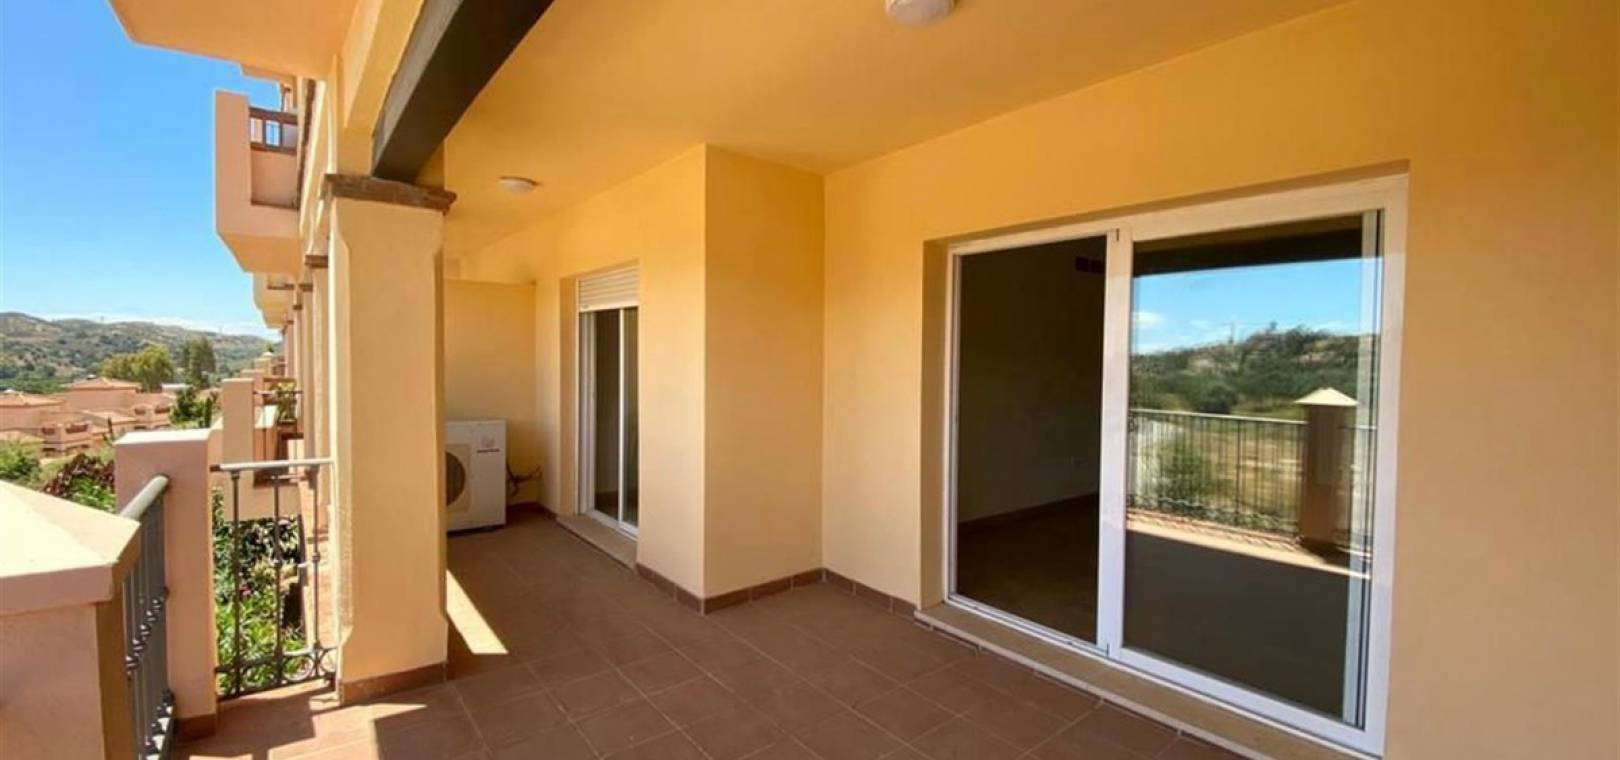 New Build - Apartment - Mijas Golf - Mijas